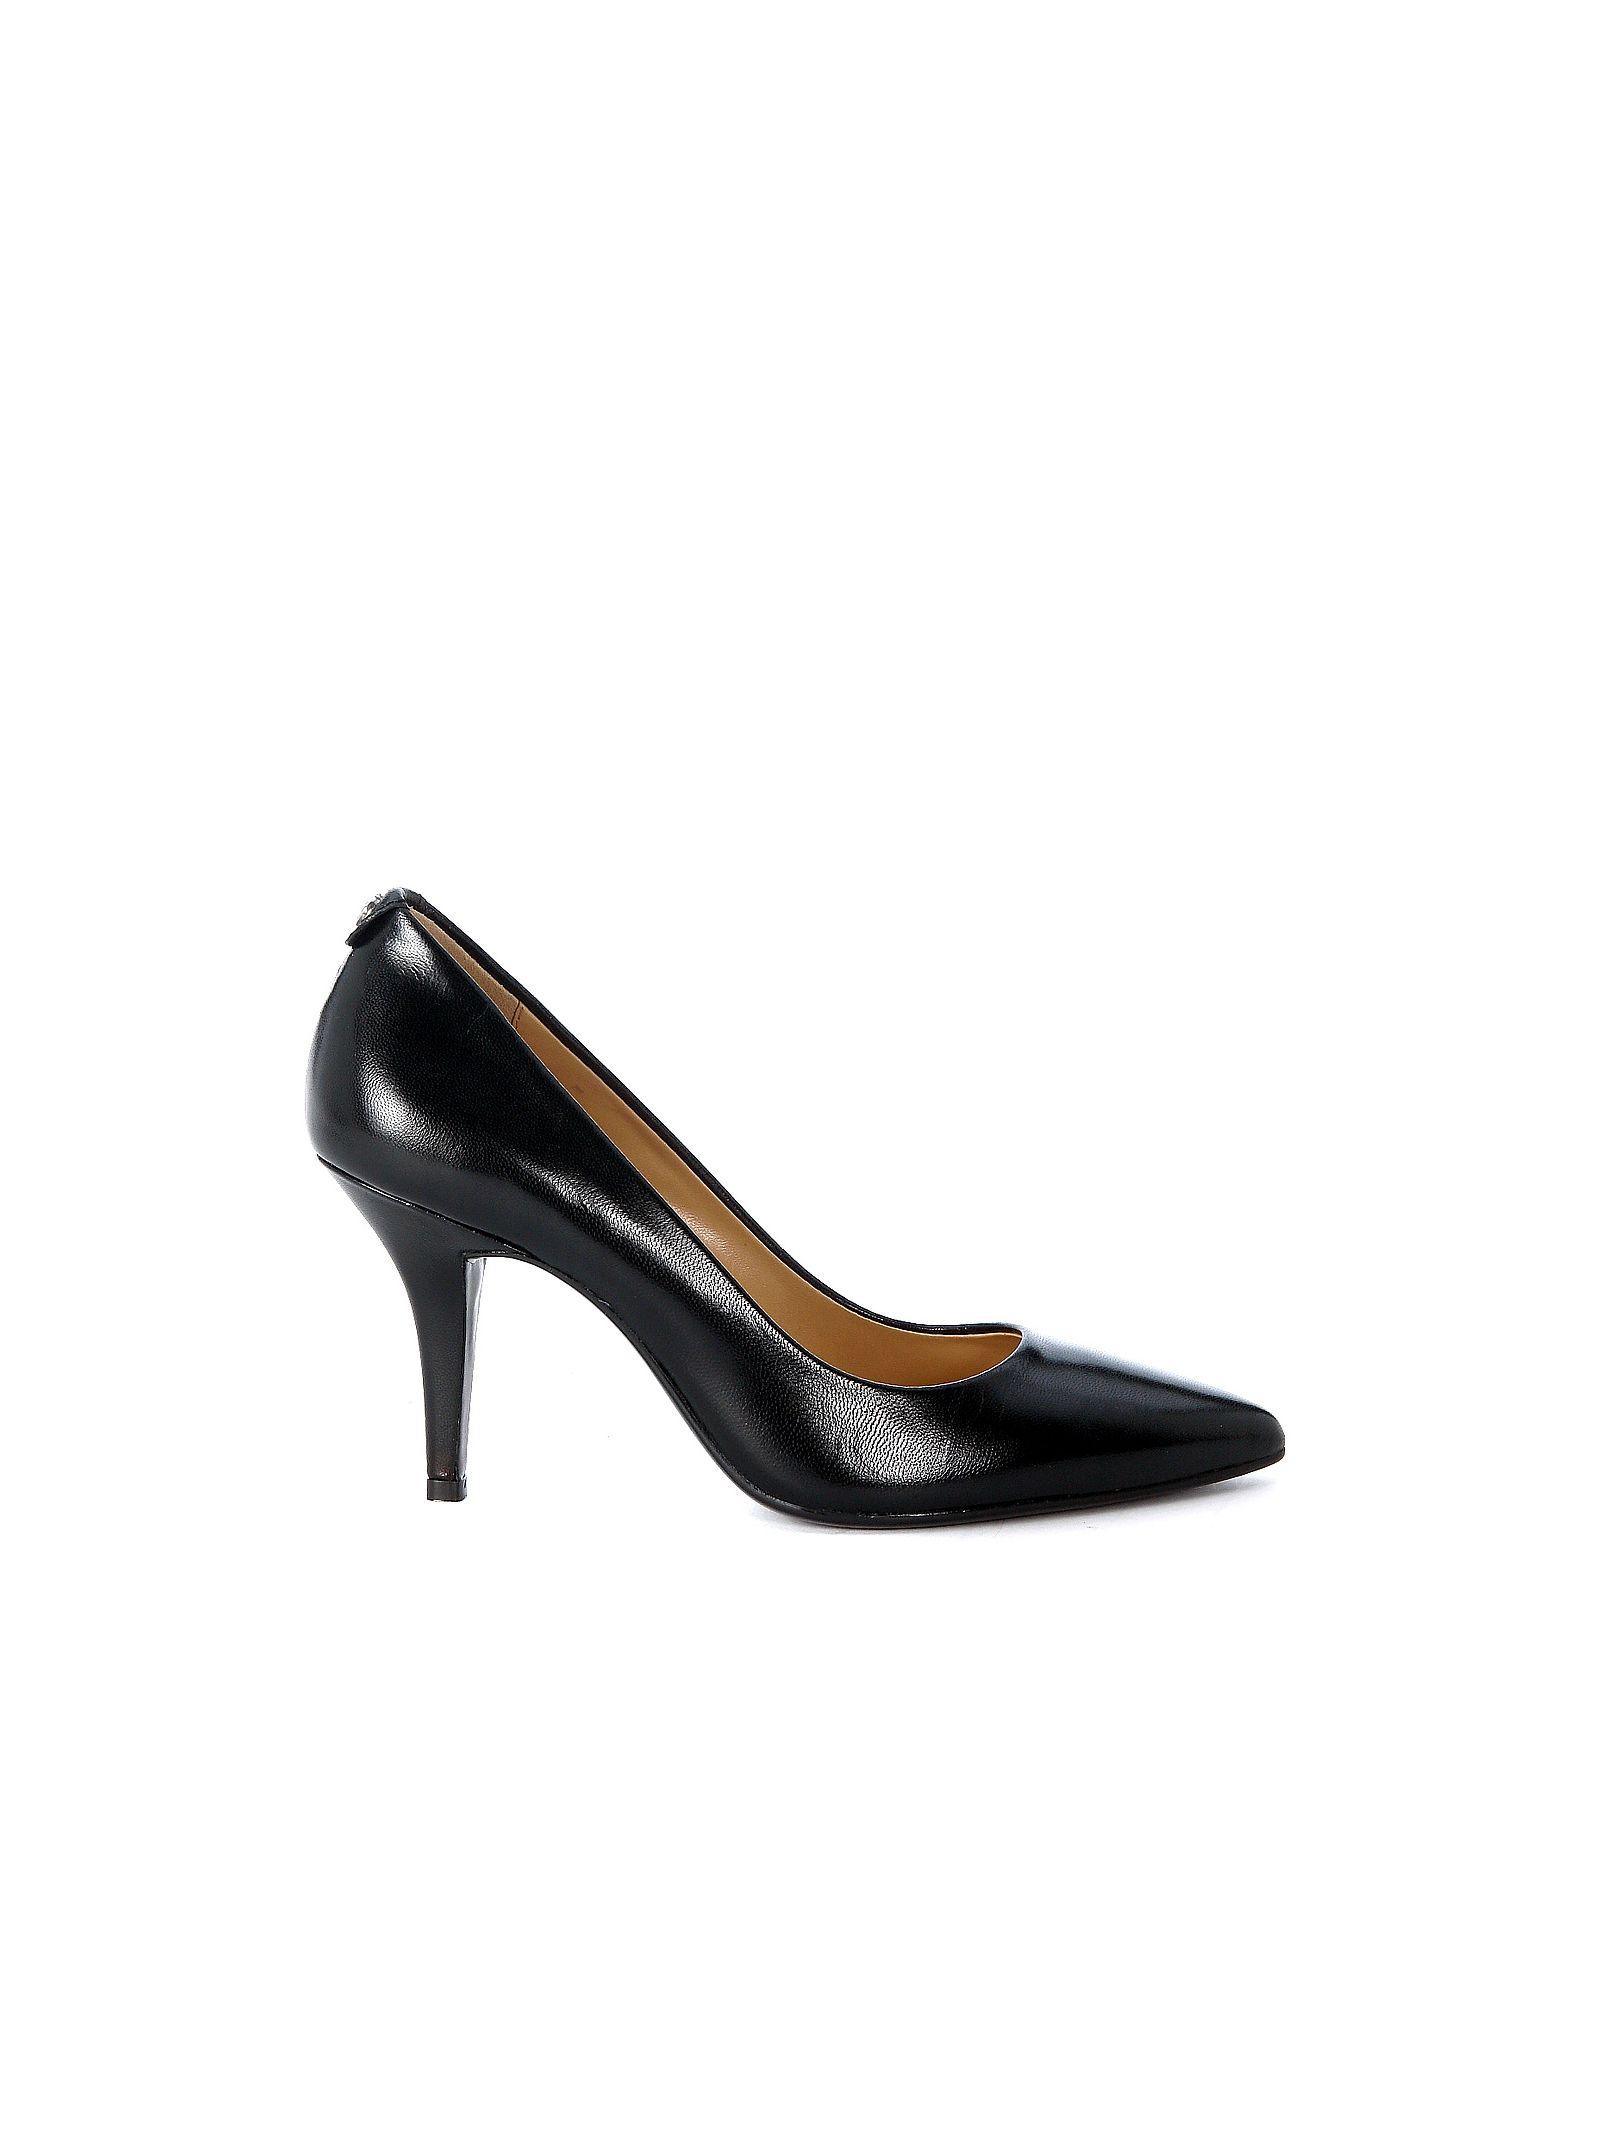 Pantofi de damă MICHAEL KORS Decollete